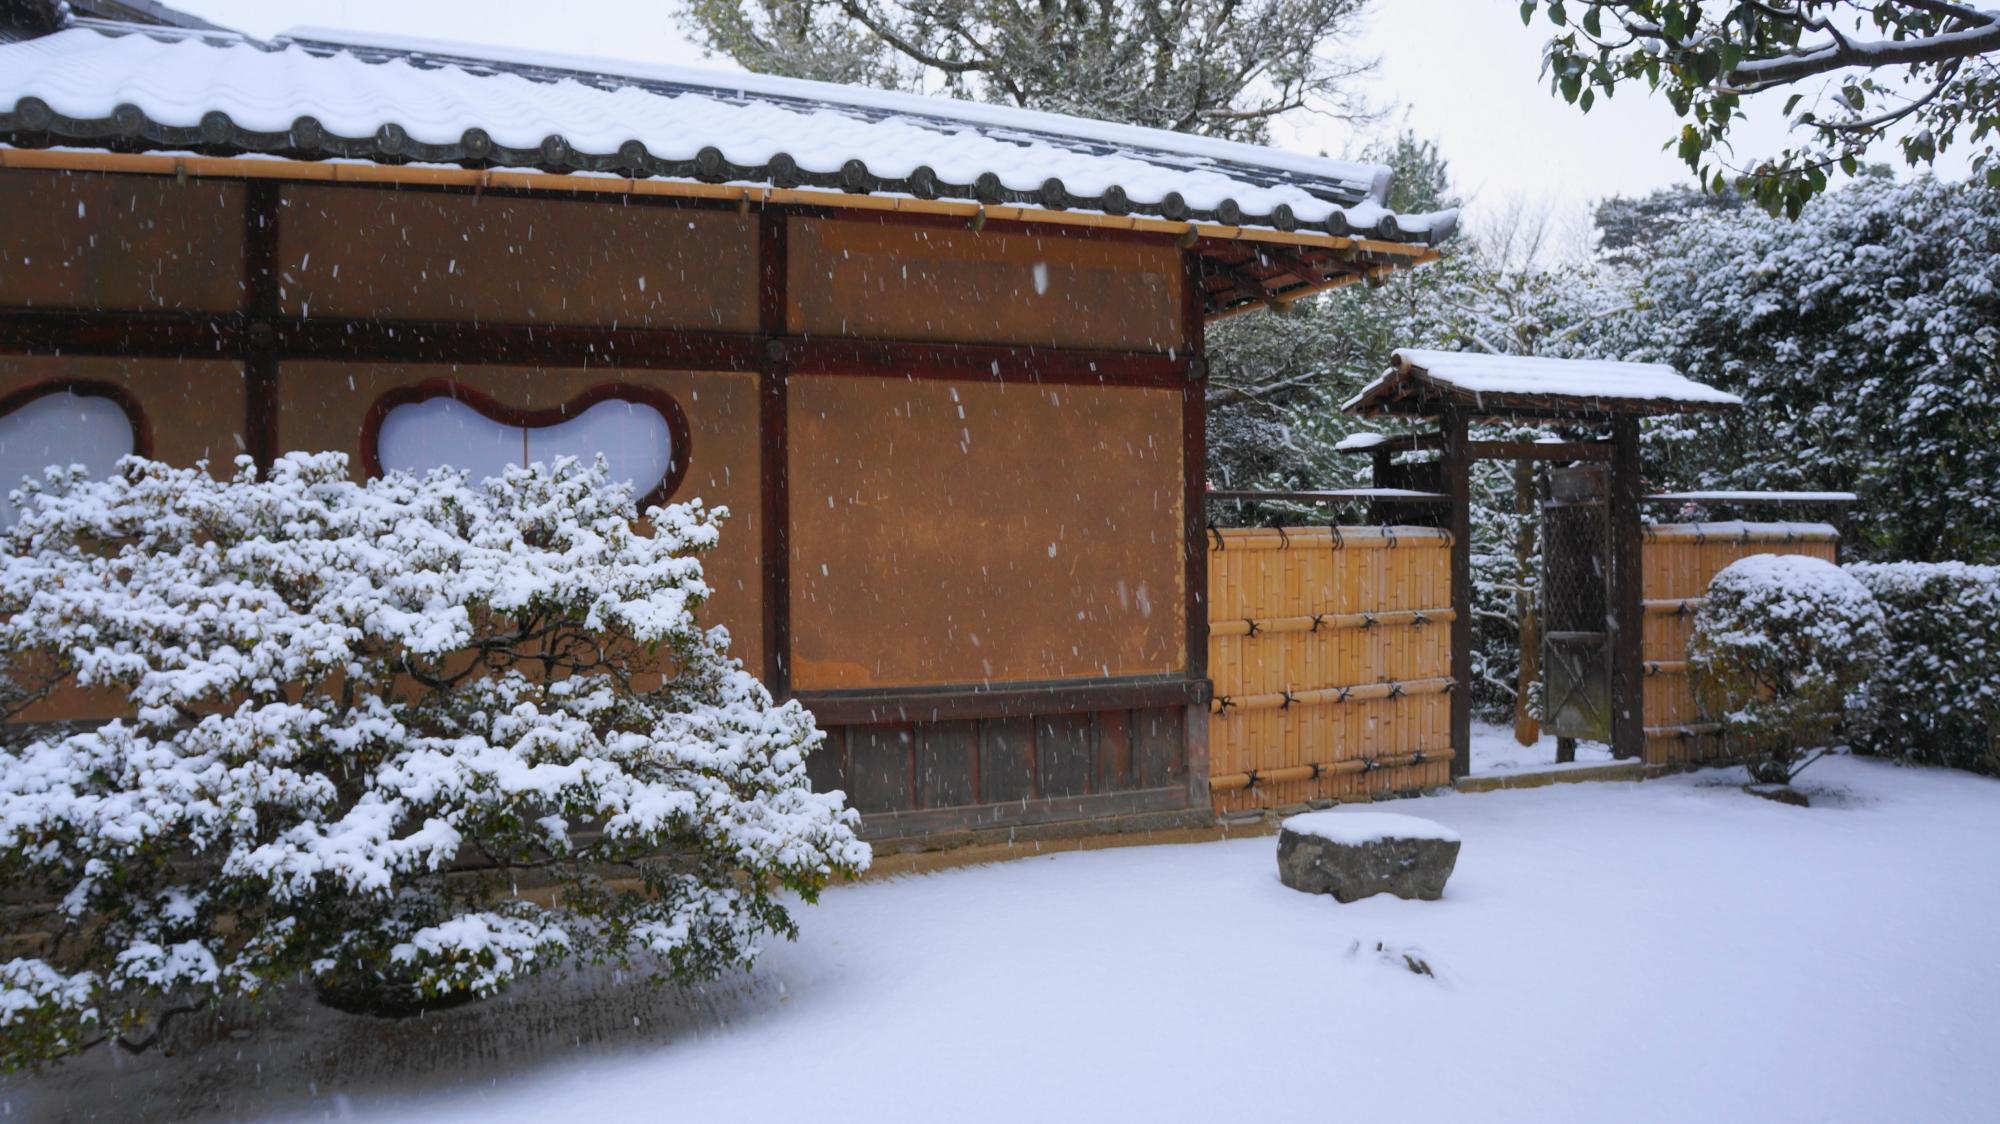 老梅関(ろうばいかん)付近の雪景色